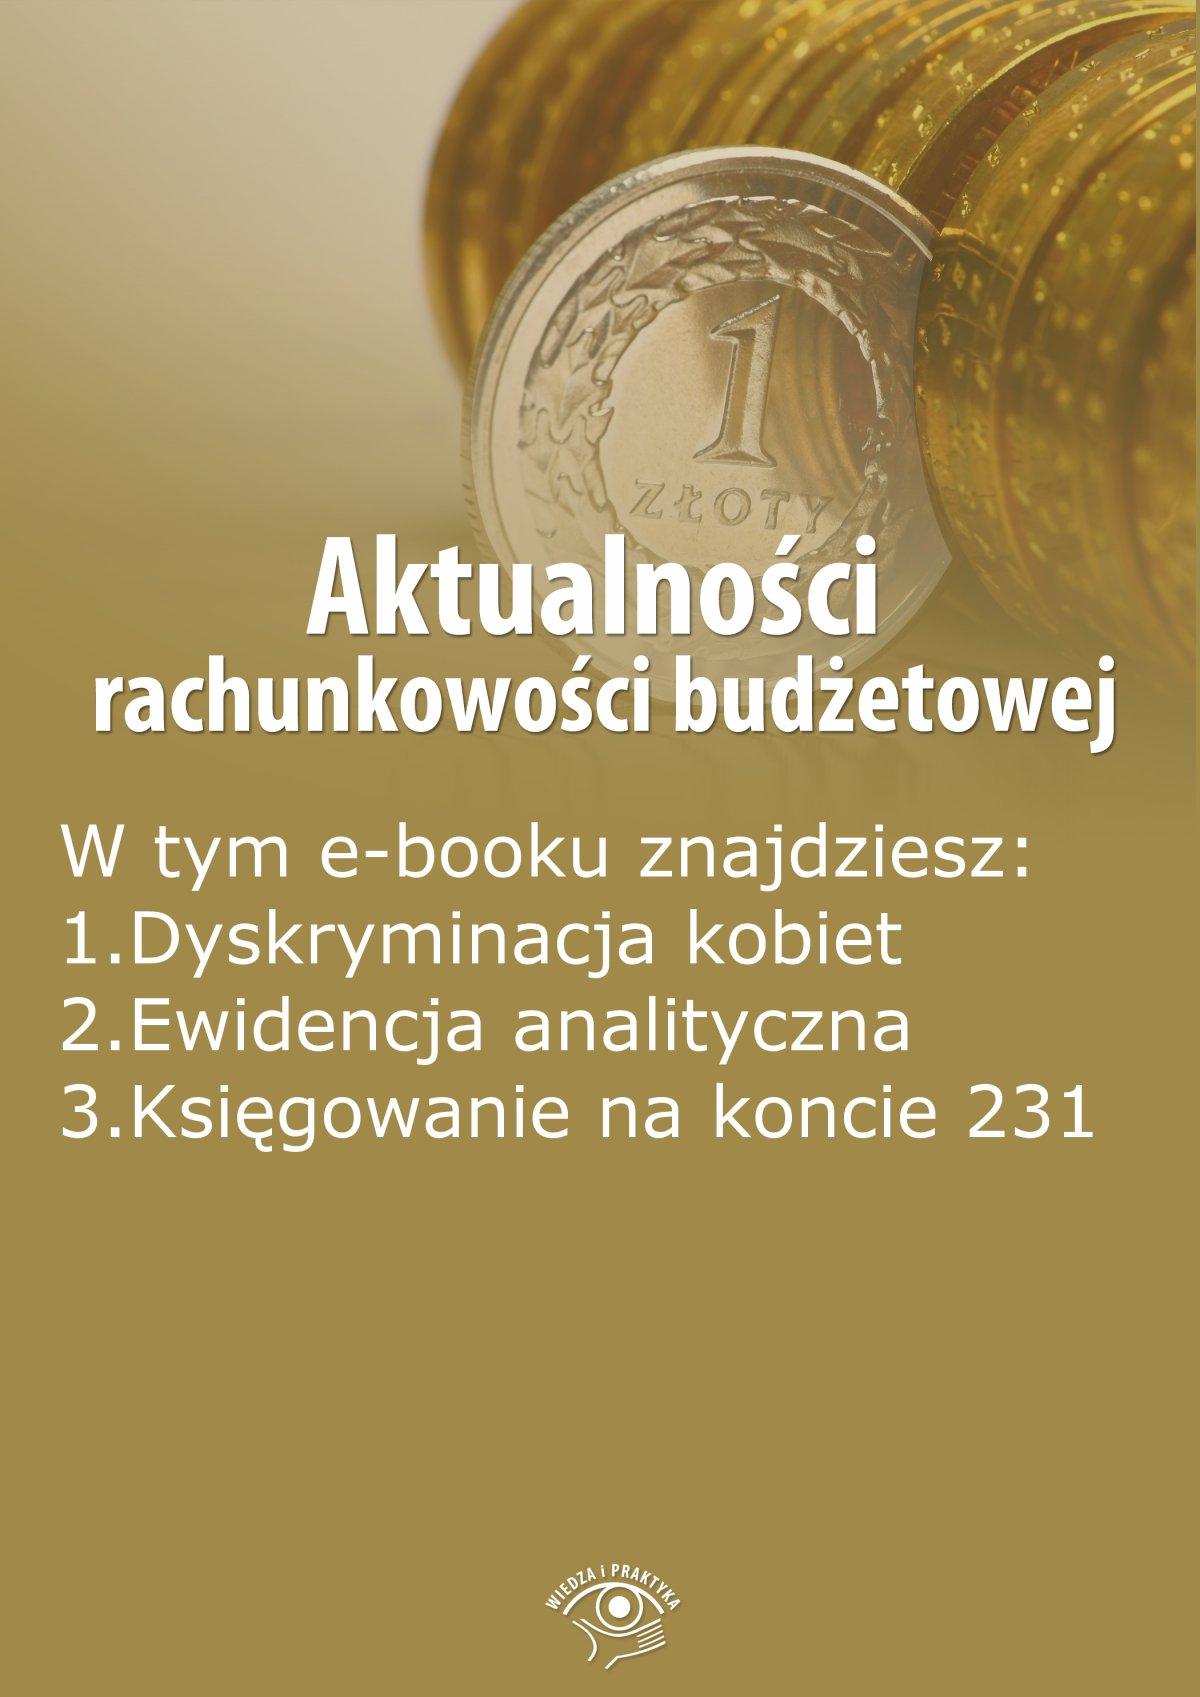 Aktualności rachunkowości budżetowej, wydanie kwiecień 2014 r. - Ebook (Książka EPUB) do pobrania w formacie EPUB